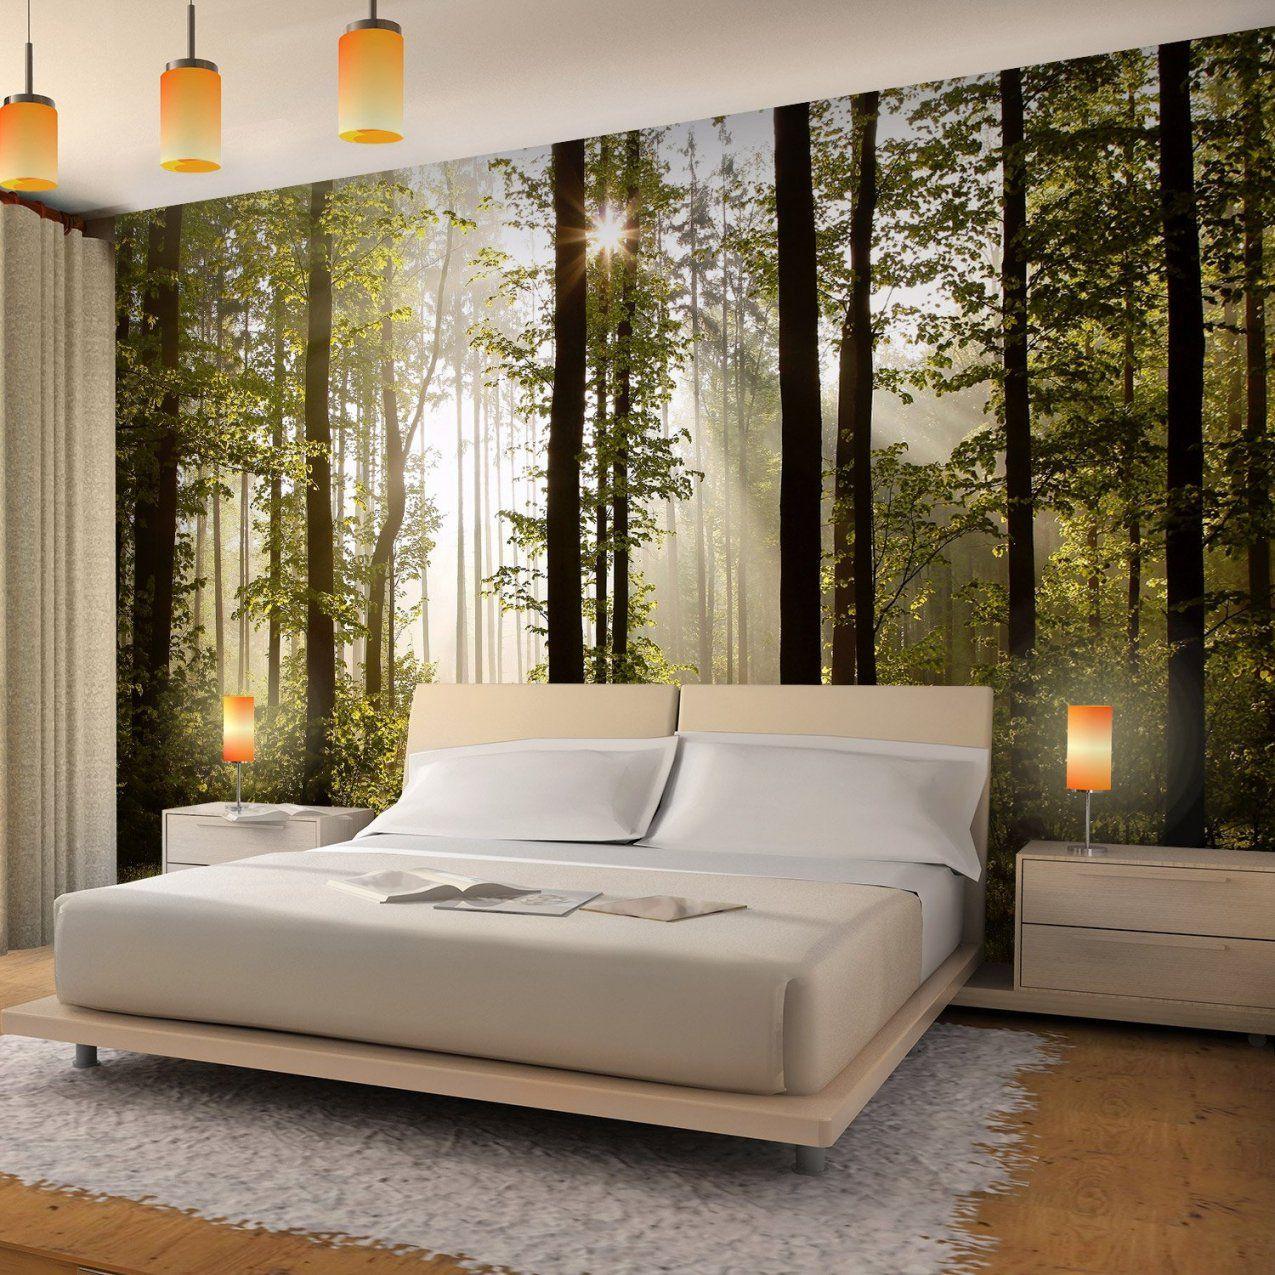 Stunning Schöner Wohnen Tapeten Schlafzimmer Contemporary von Tapeten Schlafzimmer Schöner Wohnen Bild